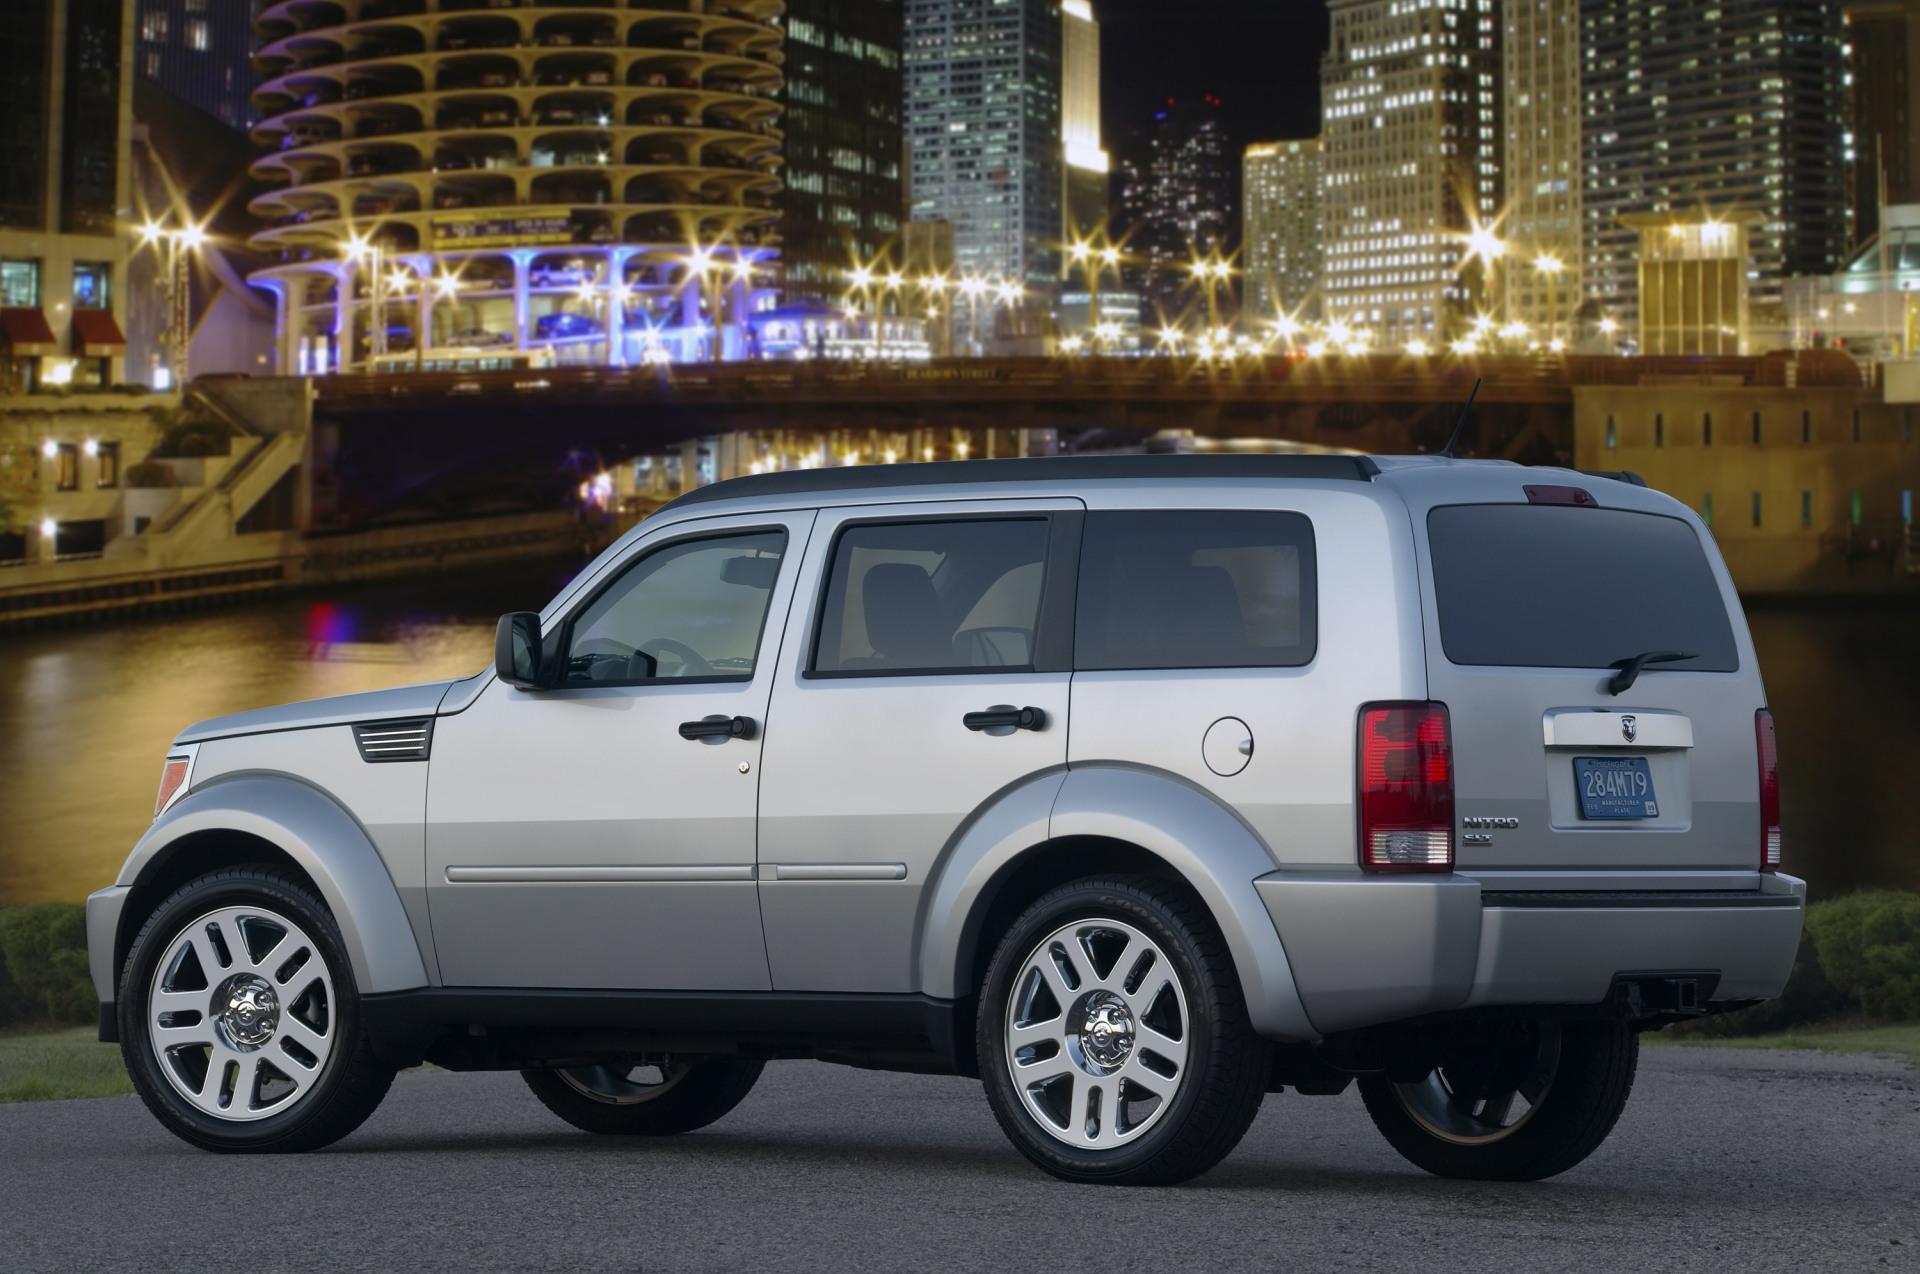 2010 Dodge Caliber Information